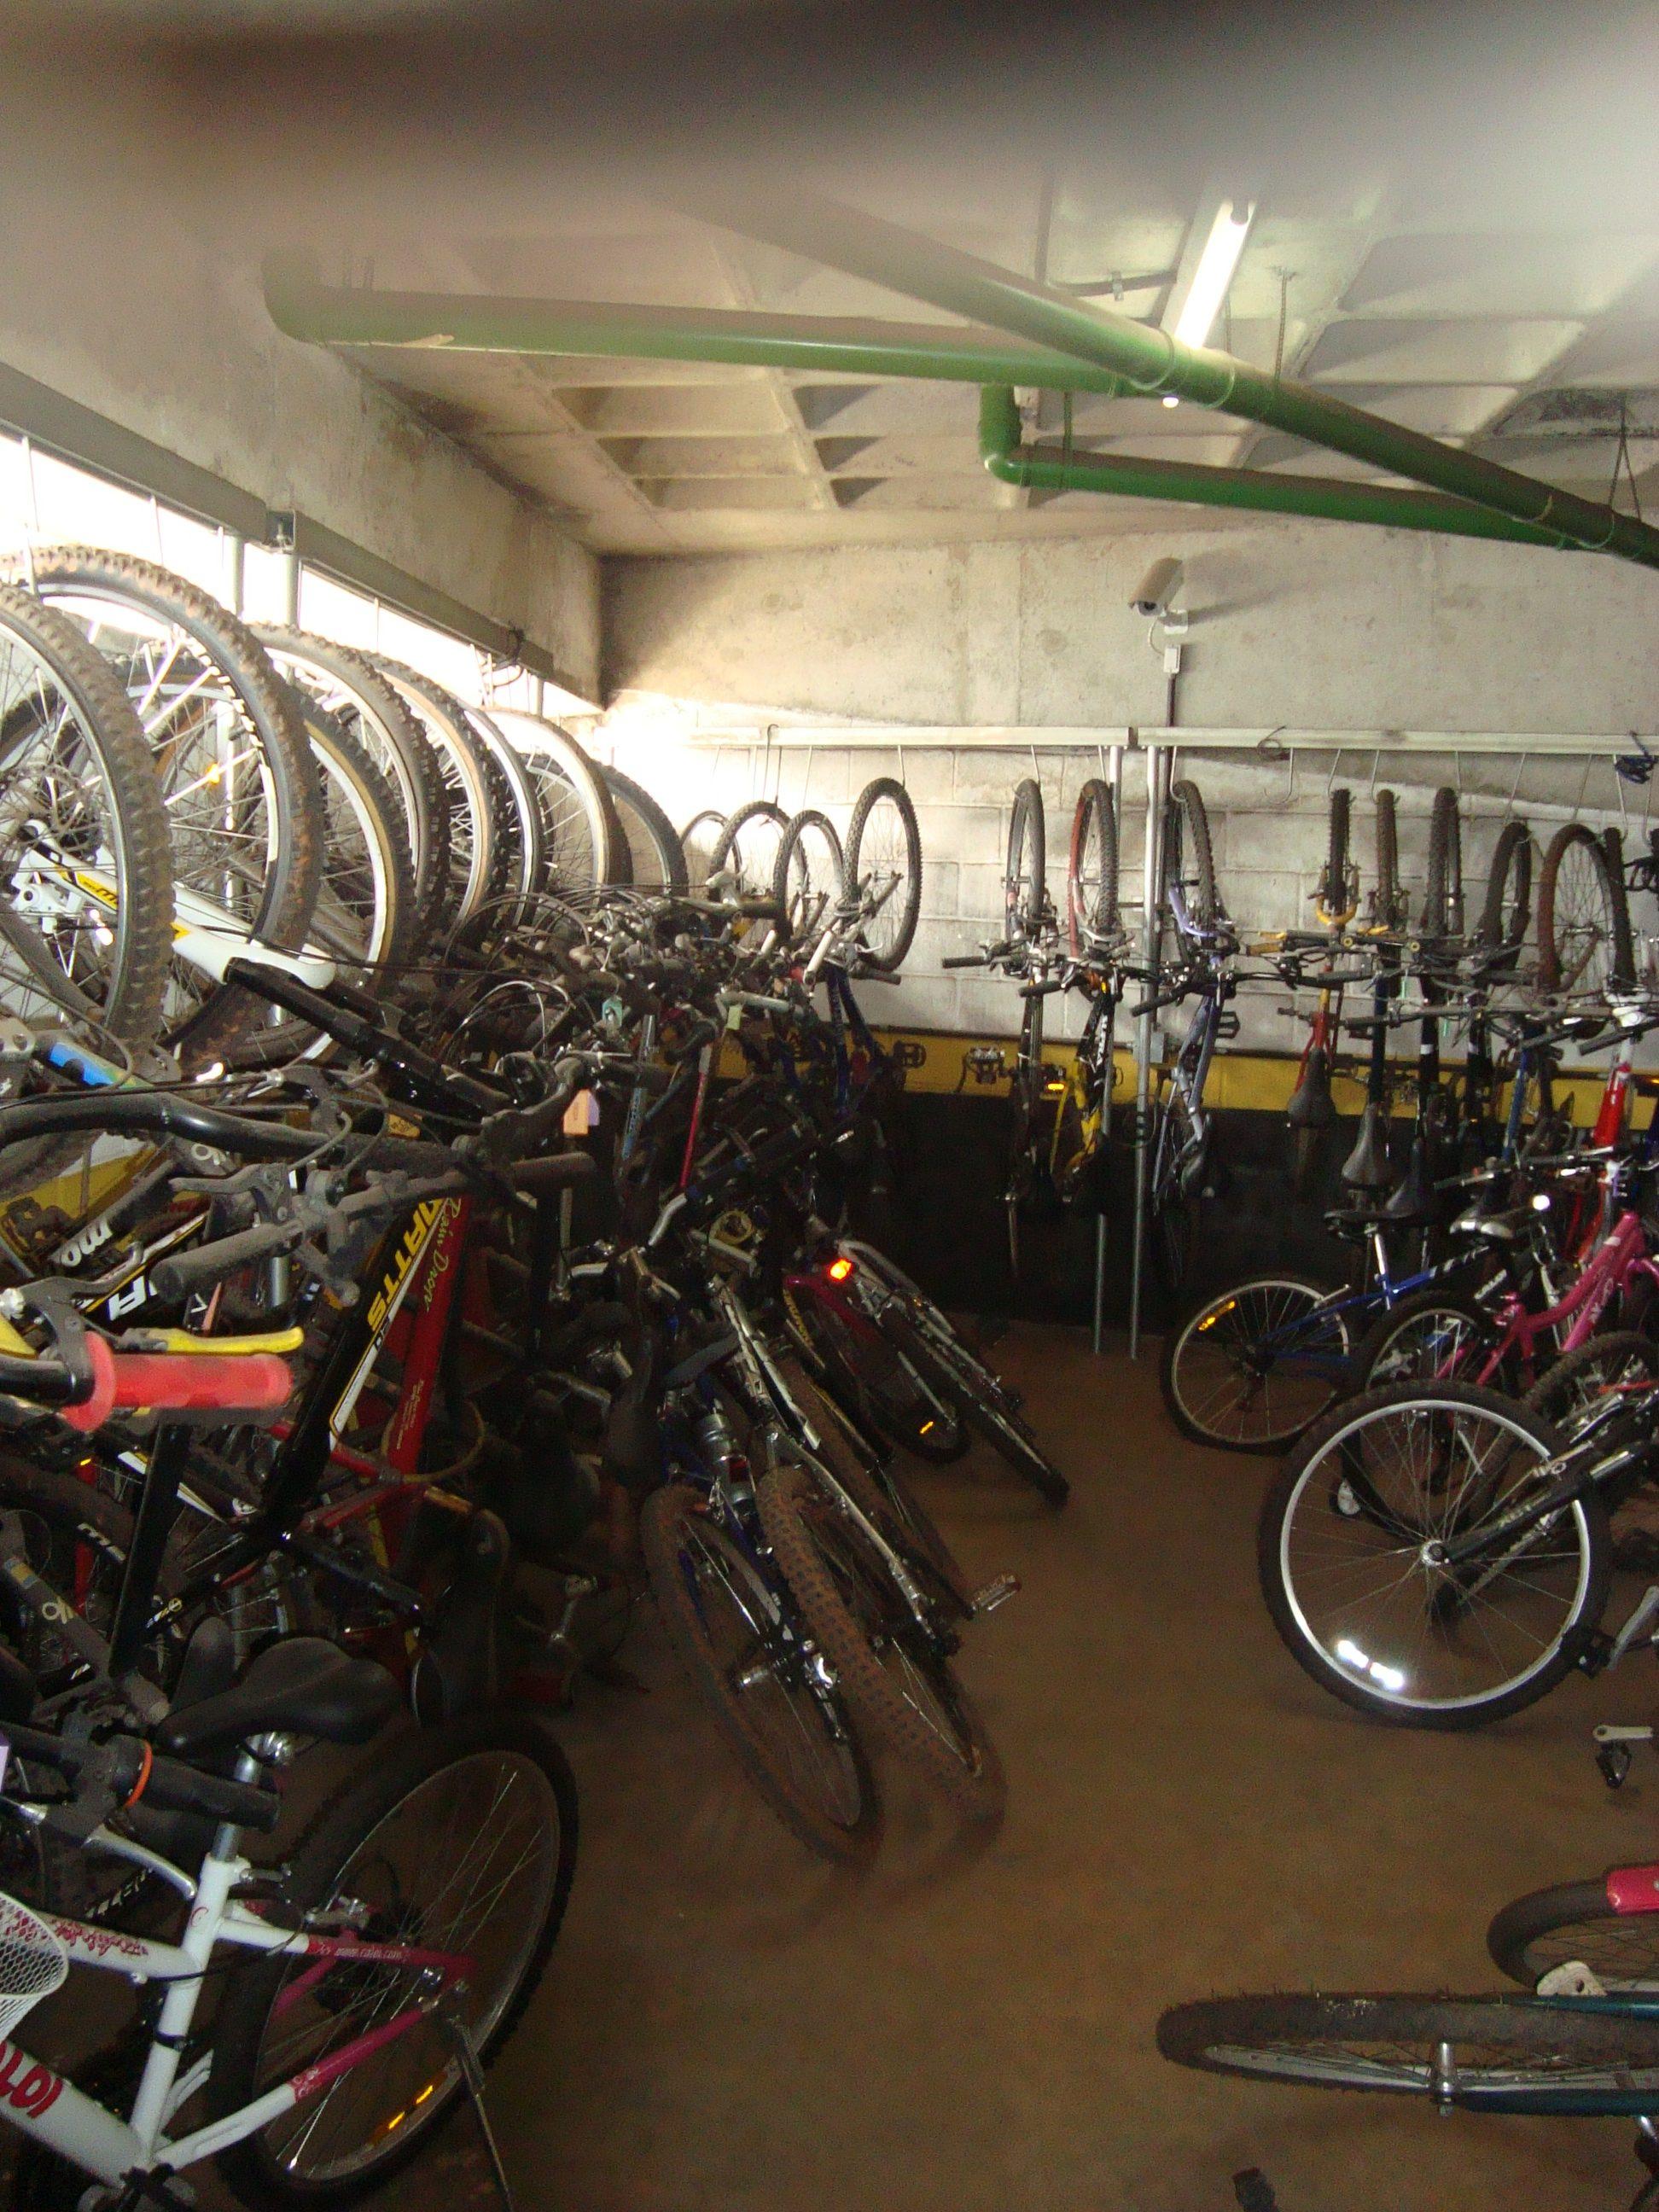 Bicicletas em alta: condomínios devem ter regras